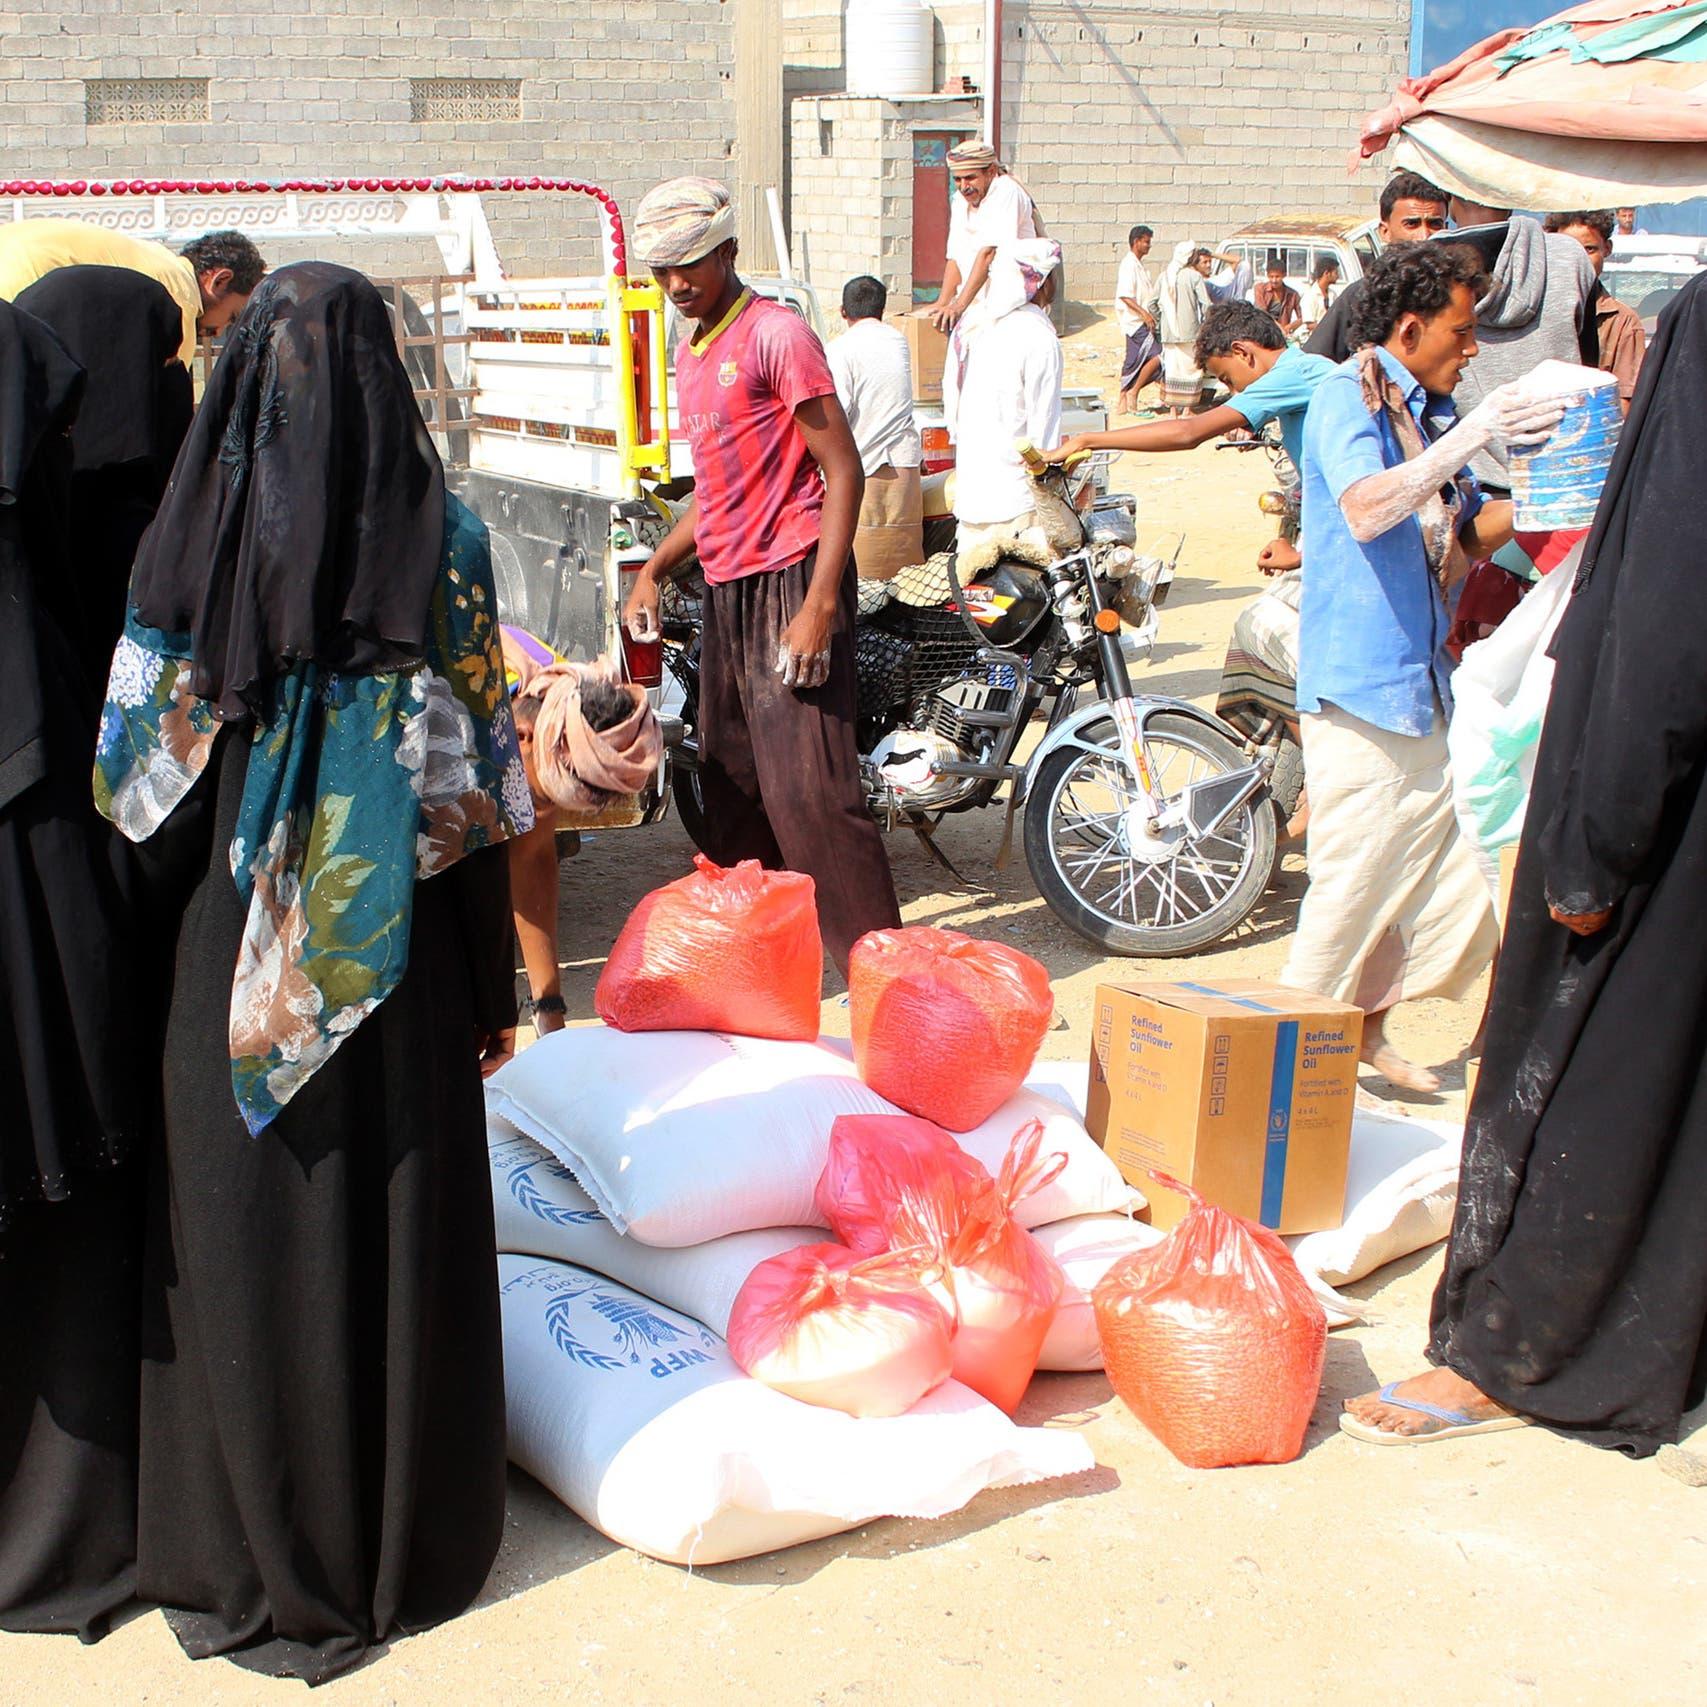 الأمم المتحدة تحذر من إغلاق برامج إنسانية في اليمن